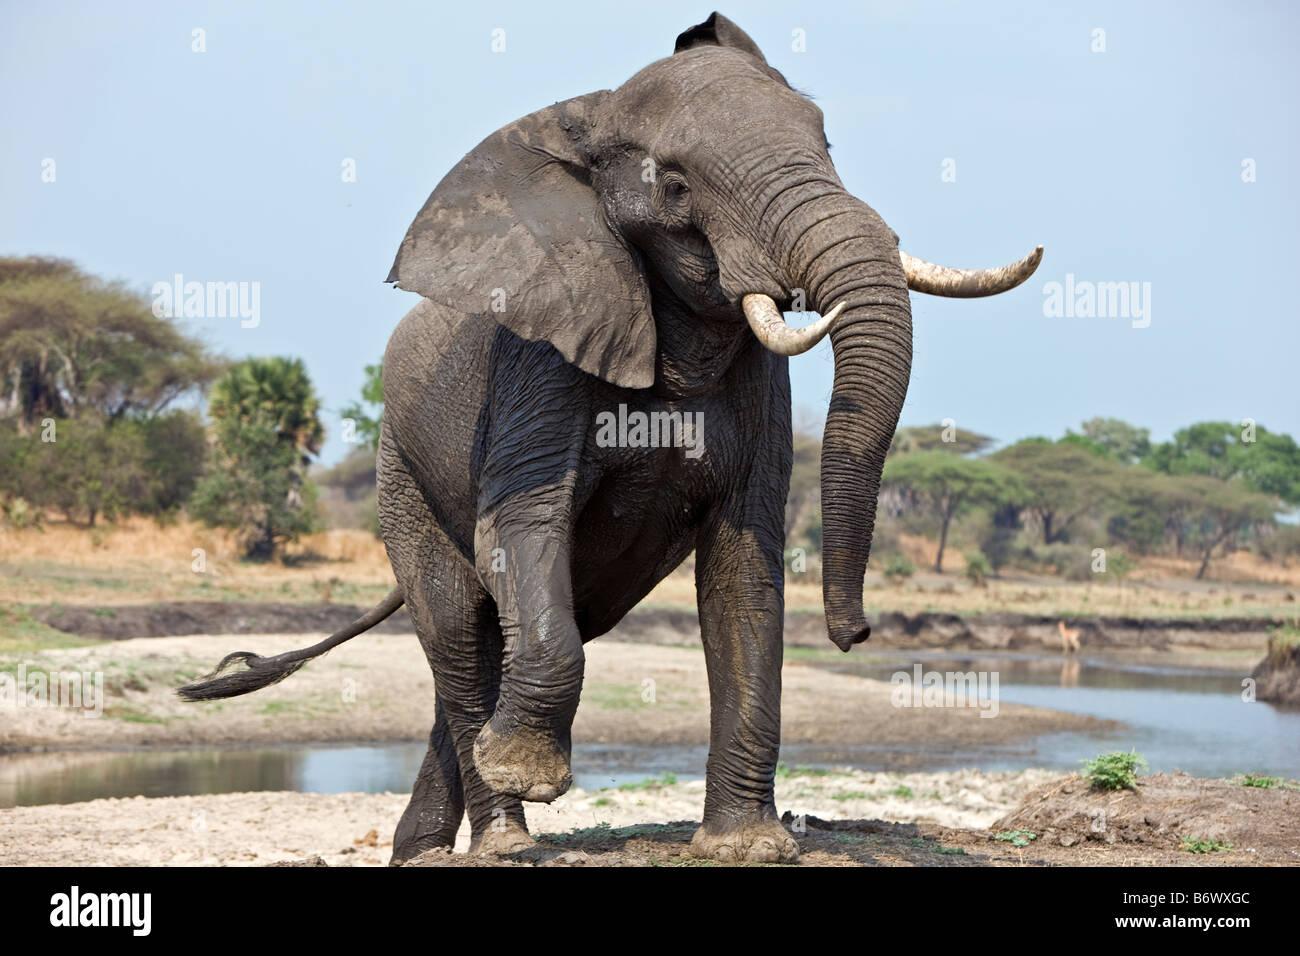 Tanzania, el Parque Nacional de Katavi. Un elefante muestra la agresión. Imagen De Stock